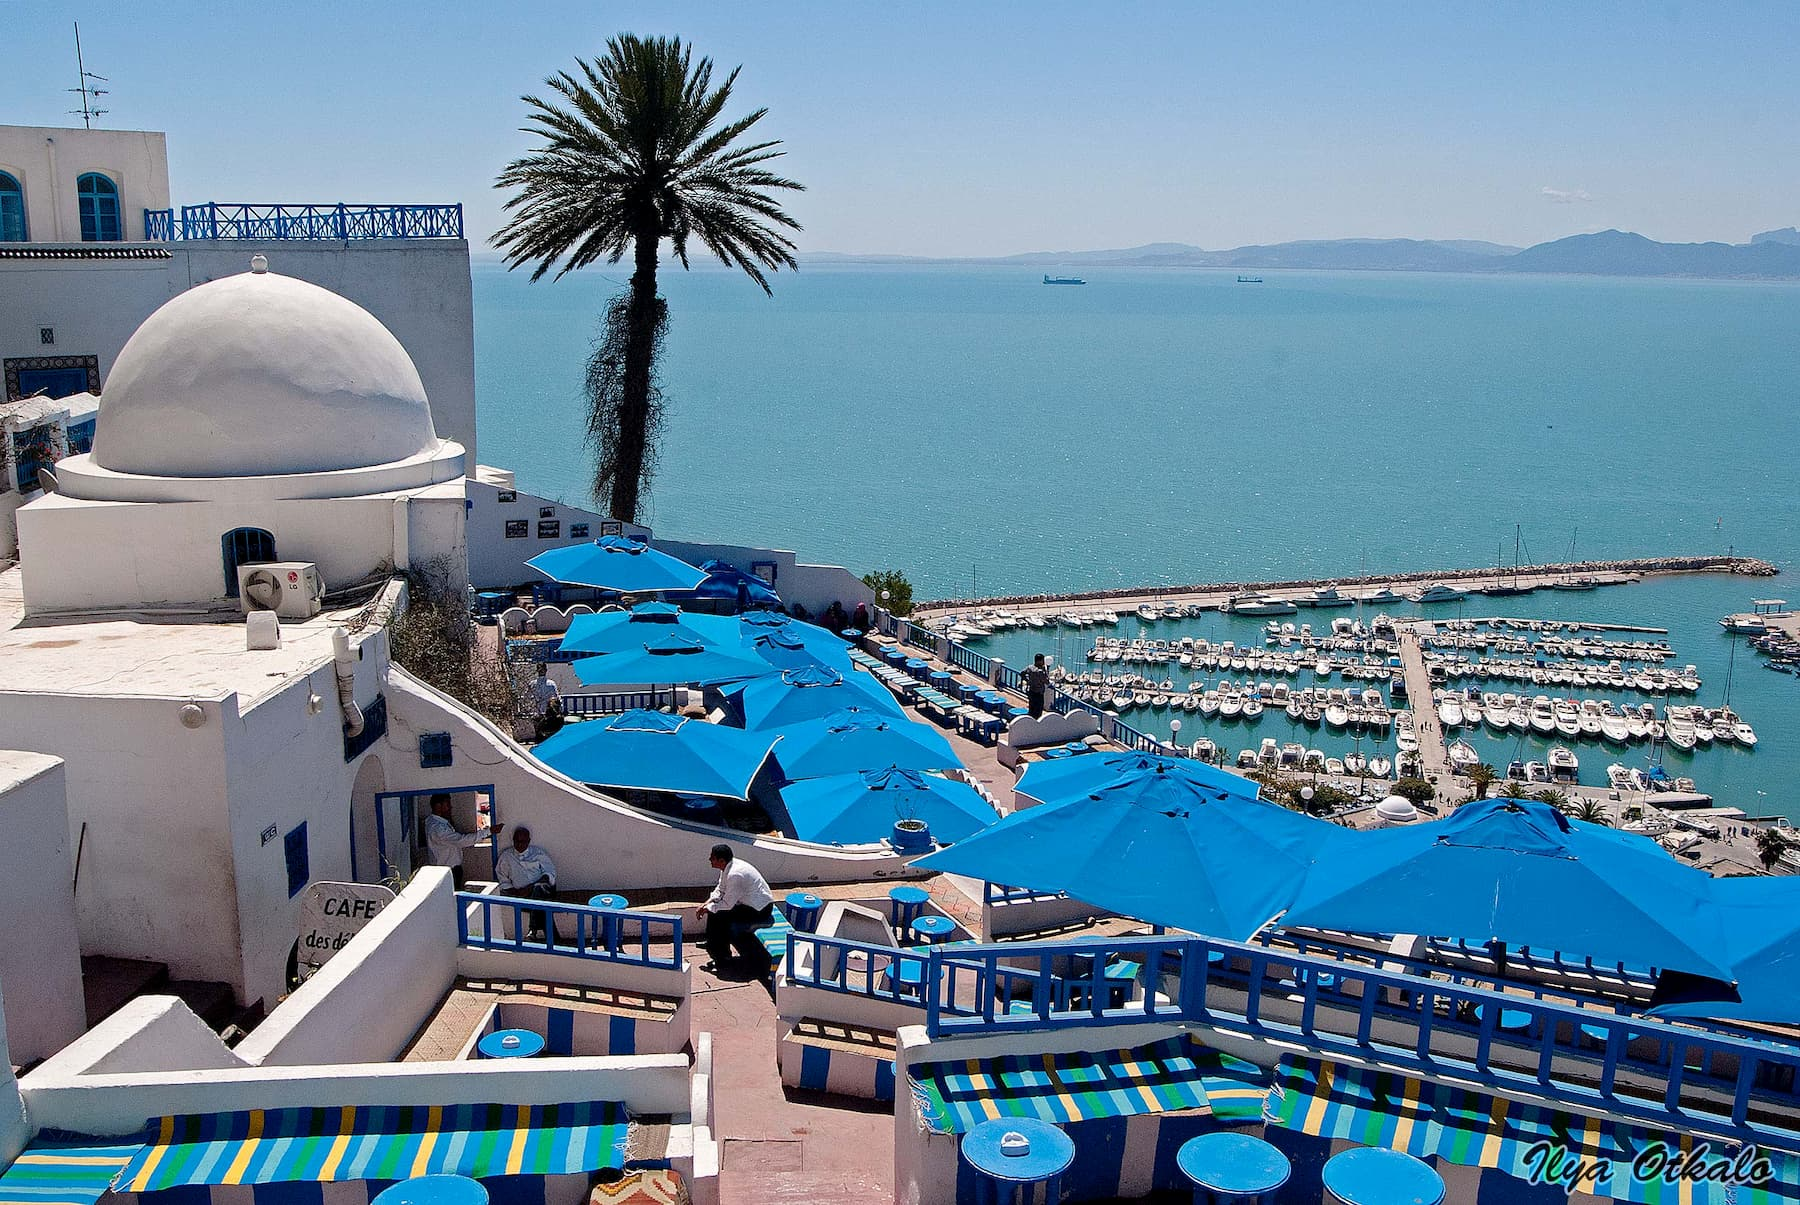 Достопримечательности Туниса - фото с названиями и описанием